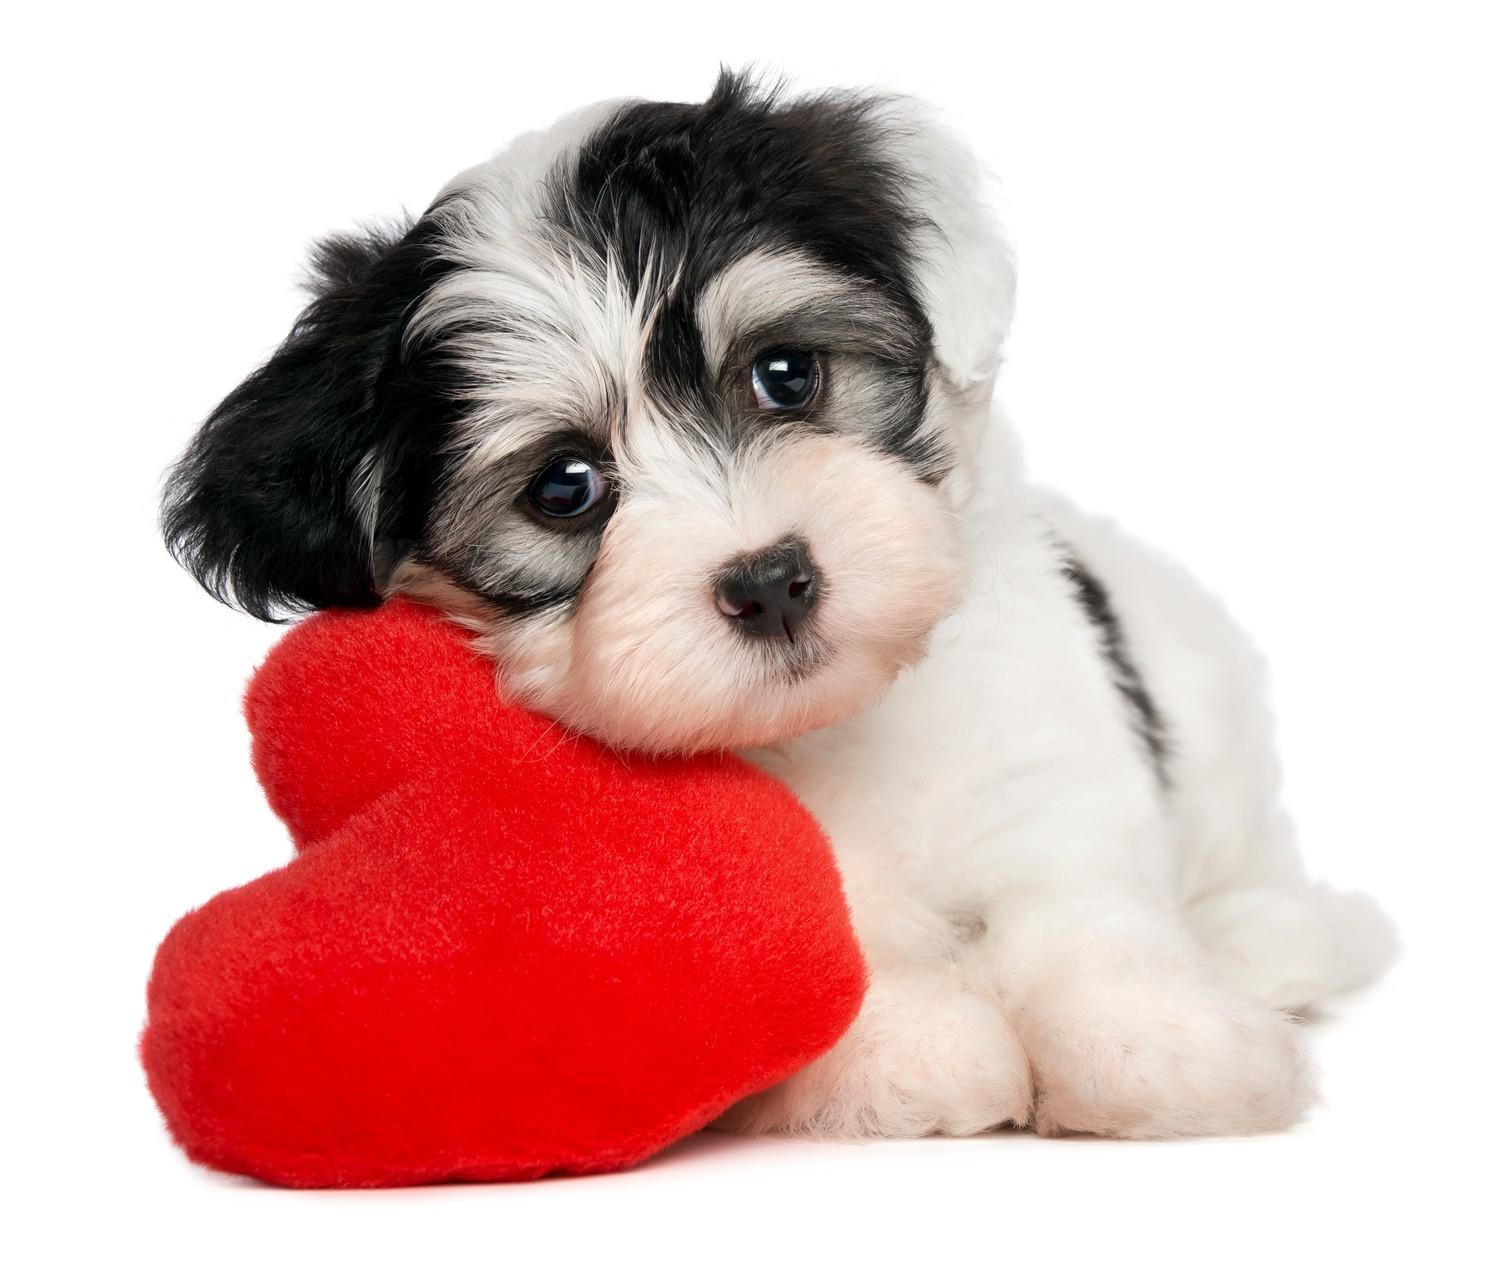 welpe mit herz 2 - Quais os primeiros cuidados que devo ter com meu filhote de cão?